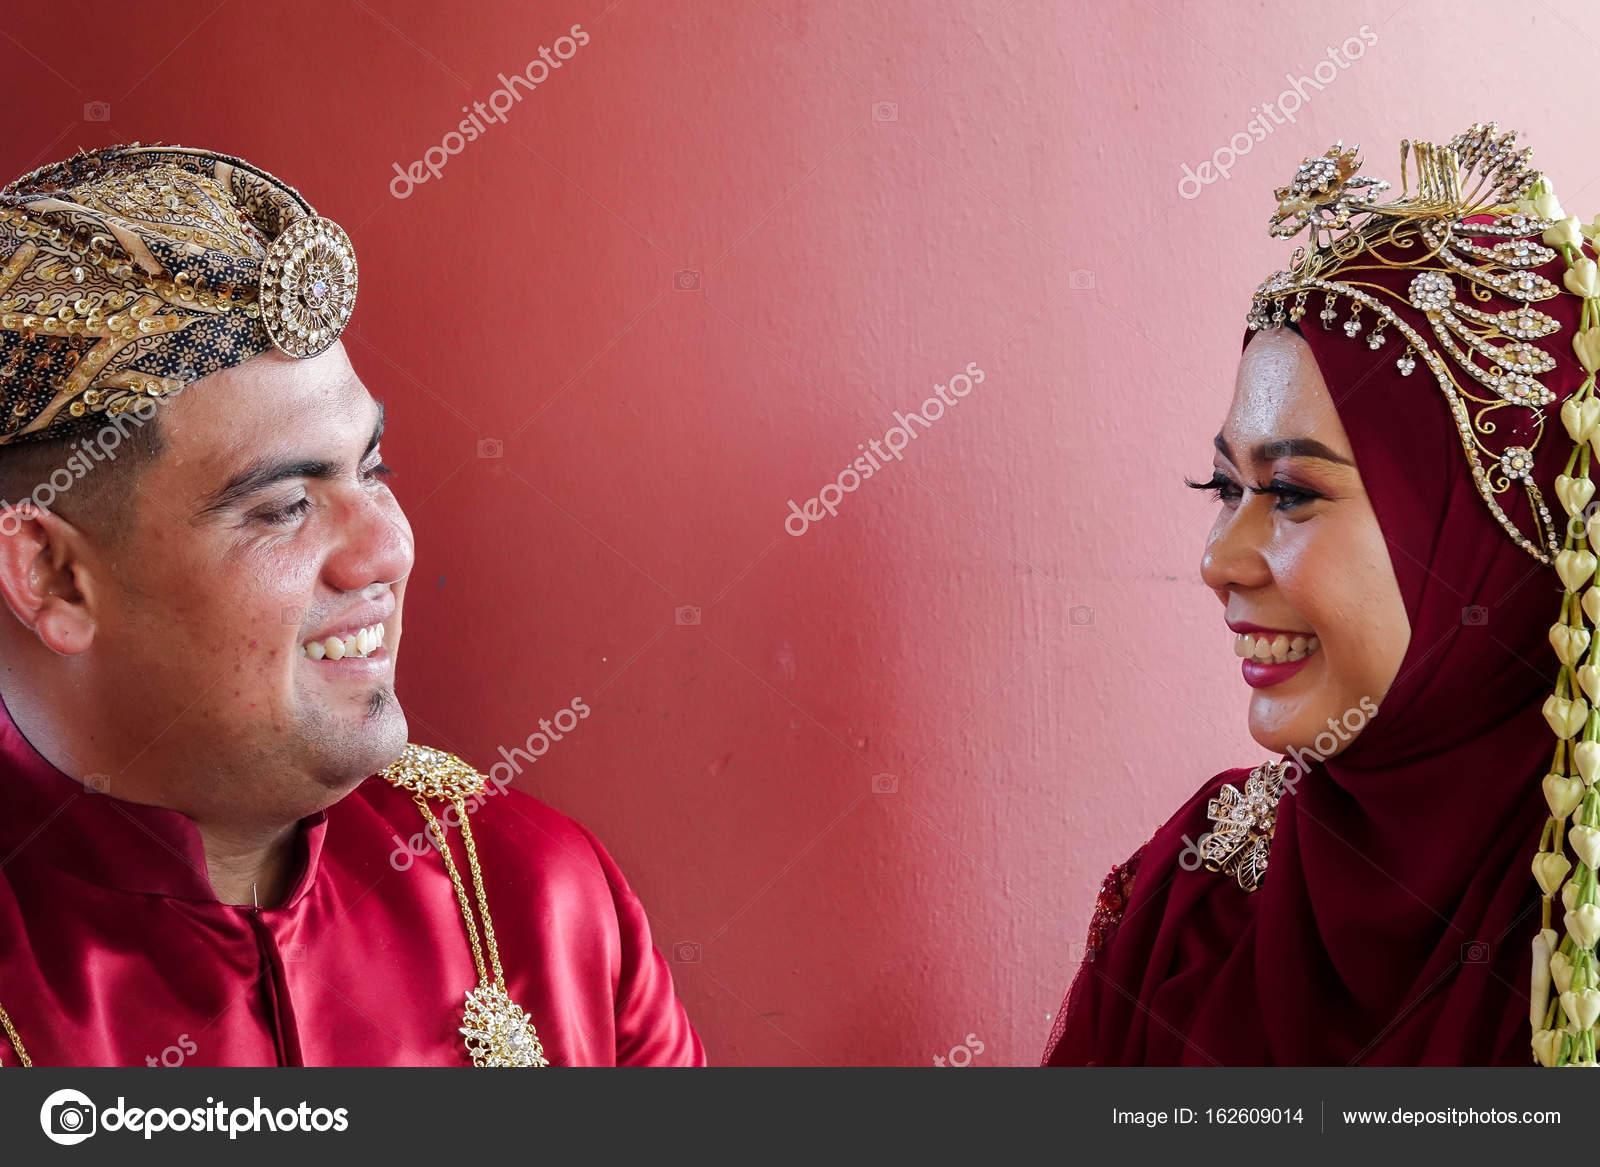 Boda tradicional javanesa pareja novia y novio en el jardín — Foto ...